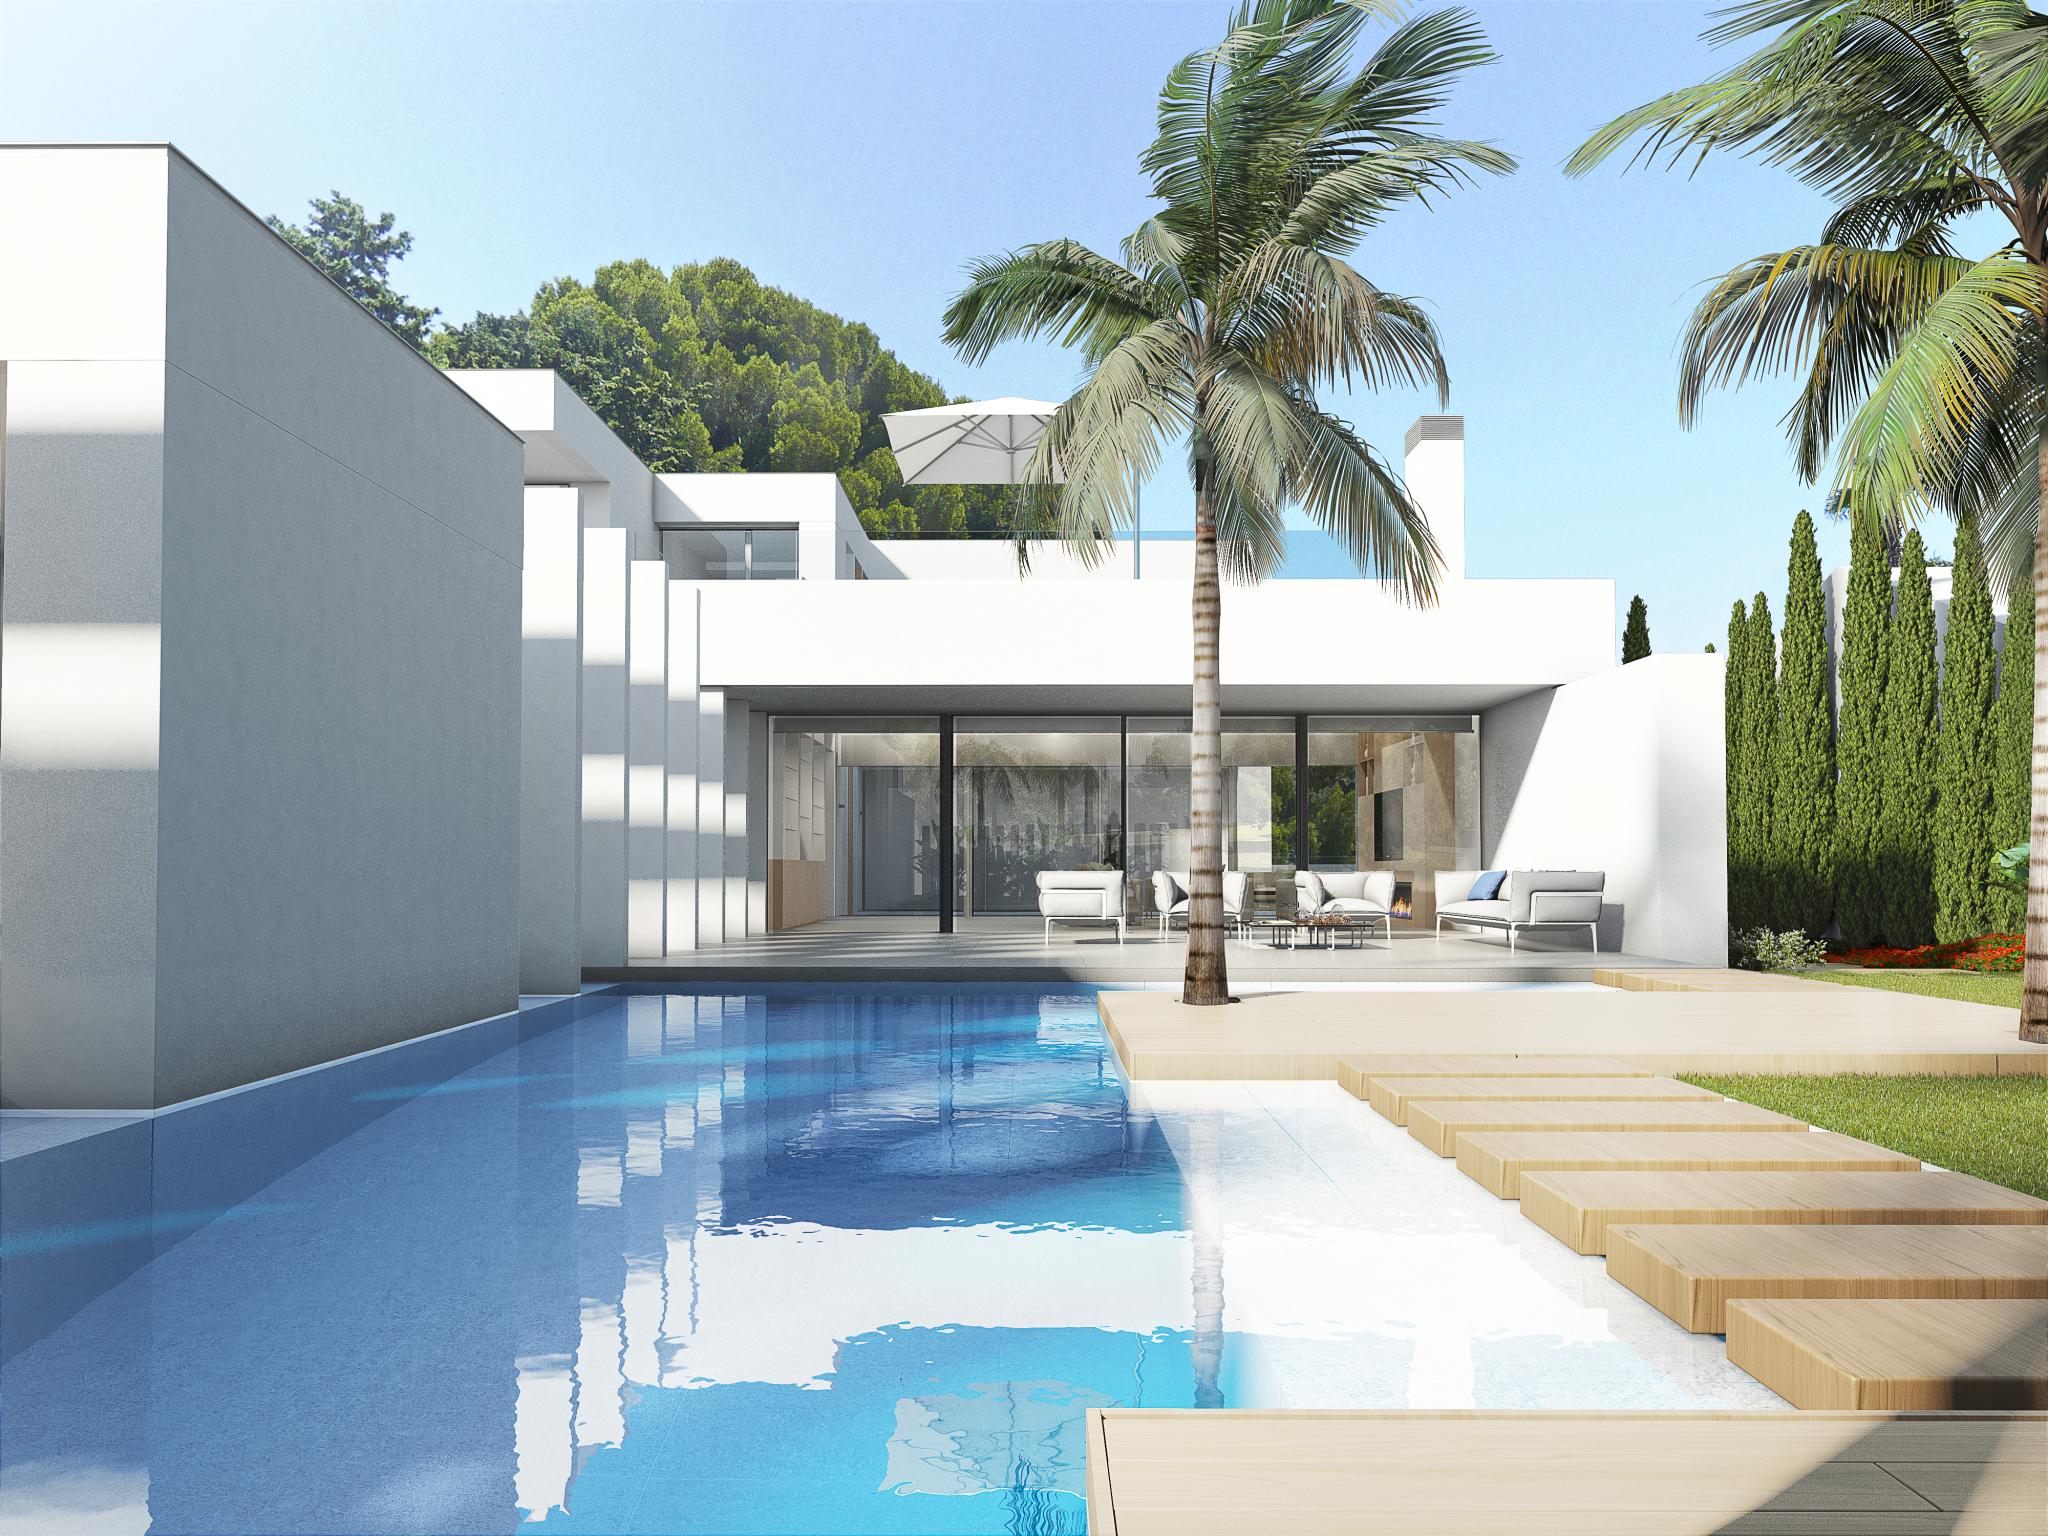 Luxe moderne villa orihuela costa costa blanca spanje for Moderne luxe villa